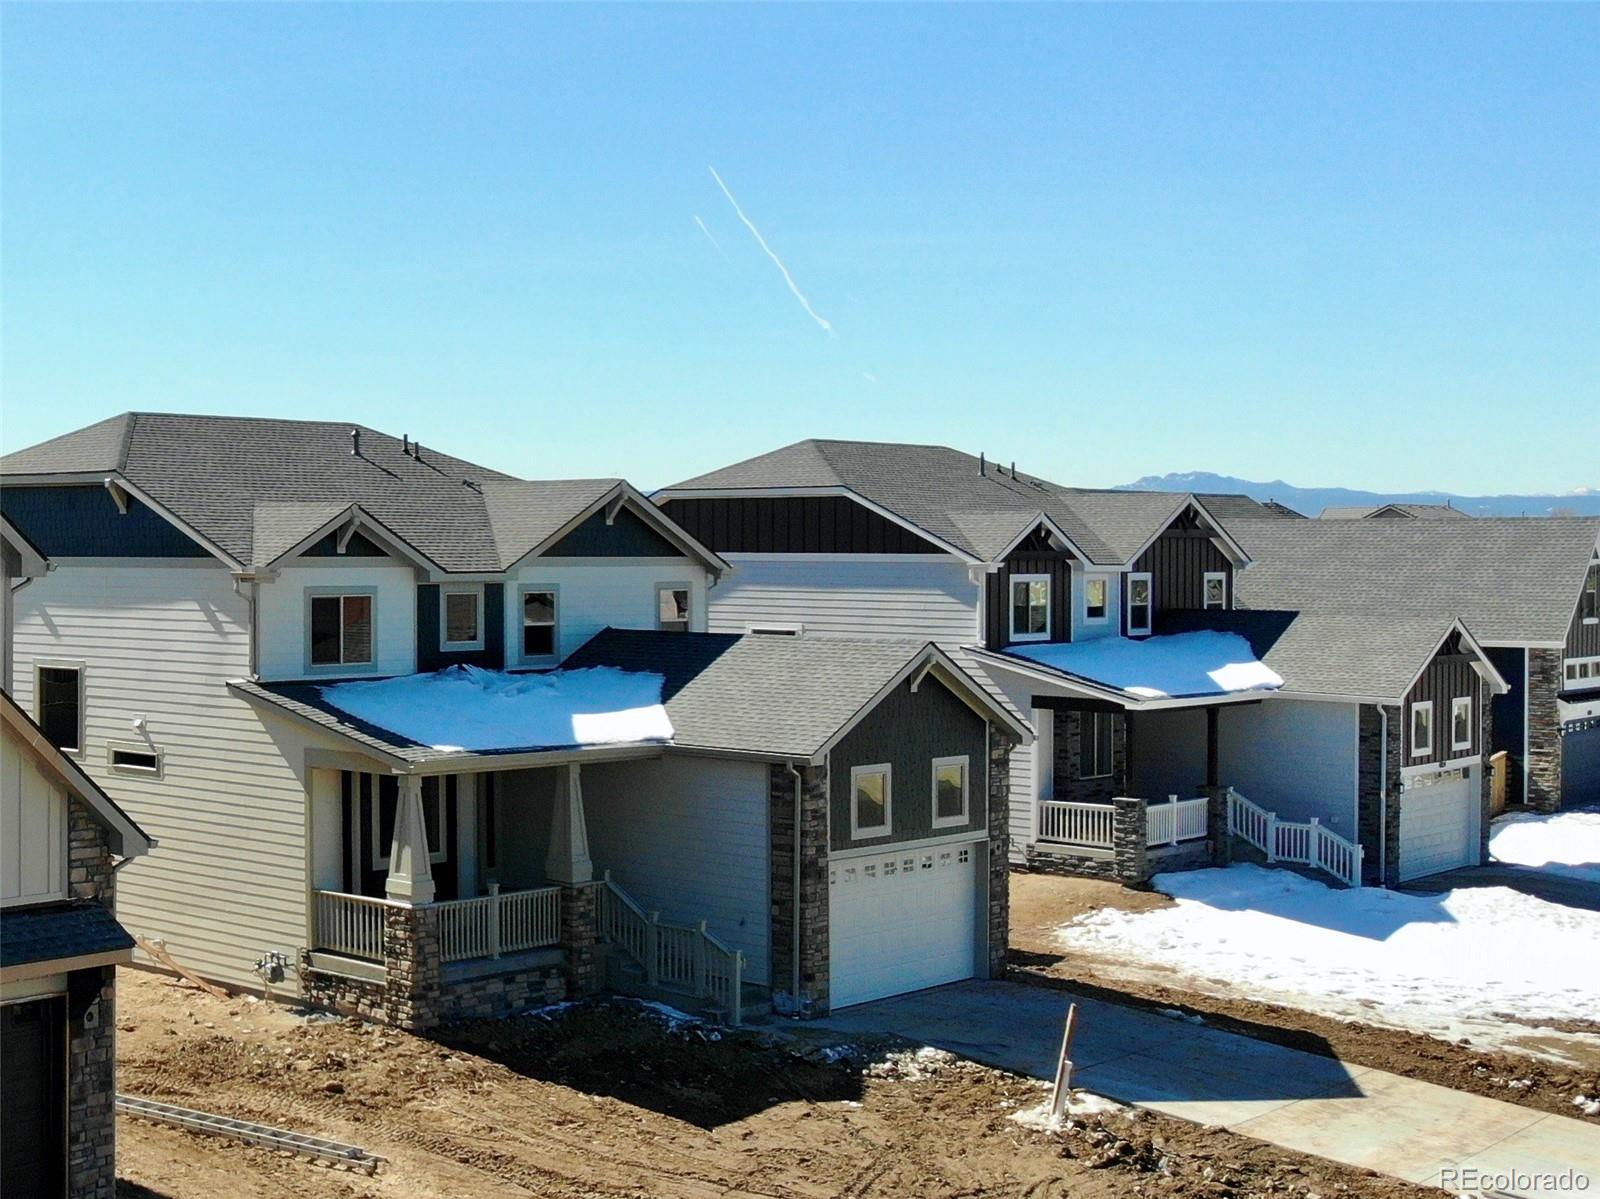 MLS# 2550619 - 1 - 6848 Groveton Avenue, Castle Rock, CO 80104